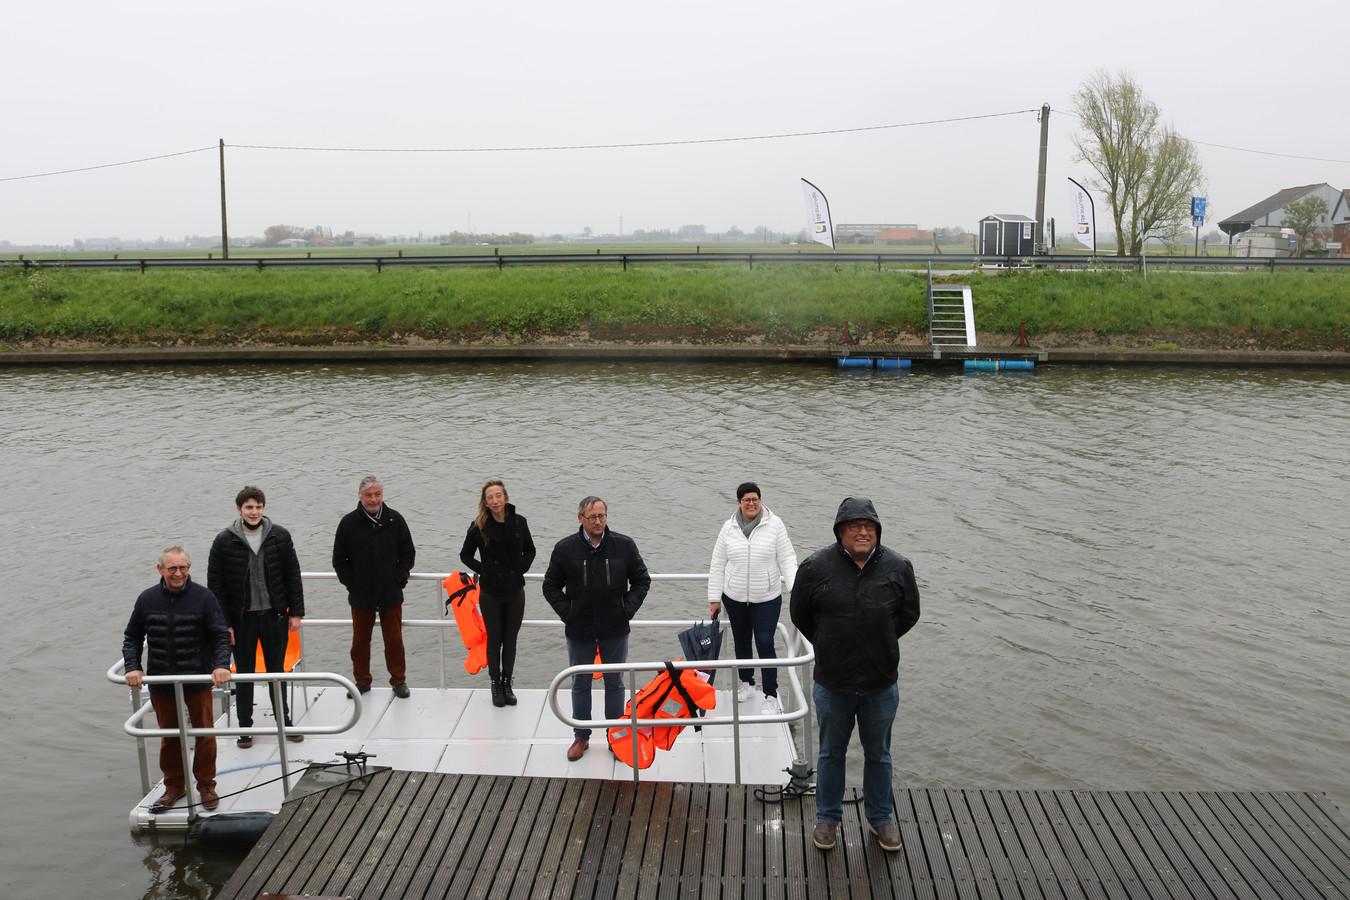 Burgemeester en schepenen testen de nieuwe veerdienst over de IJzer in Diksmuide.